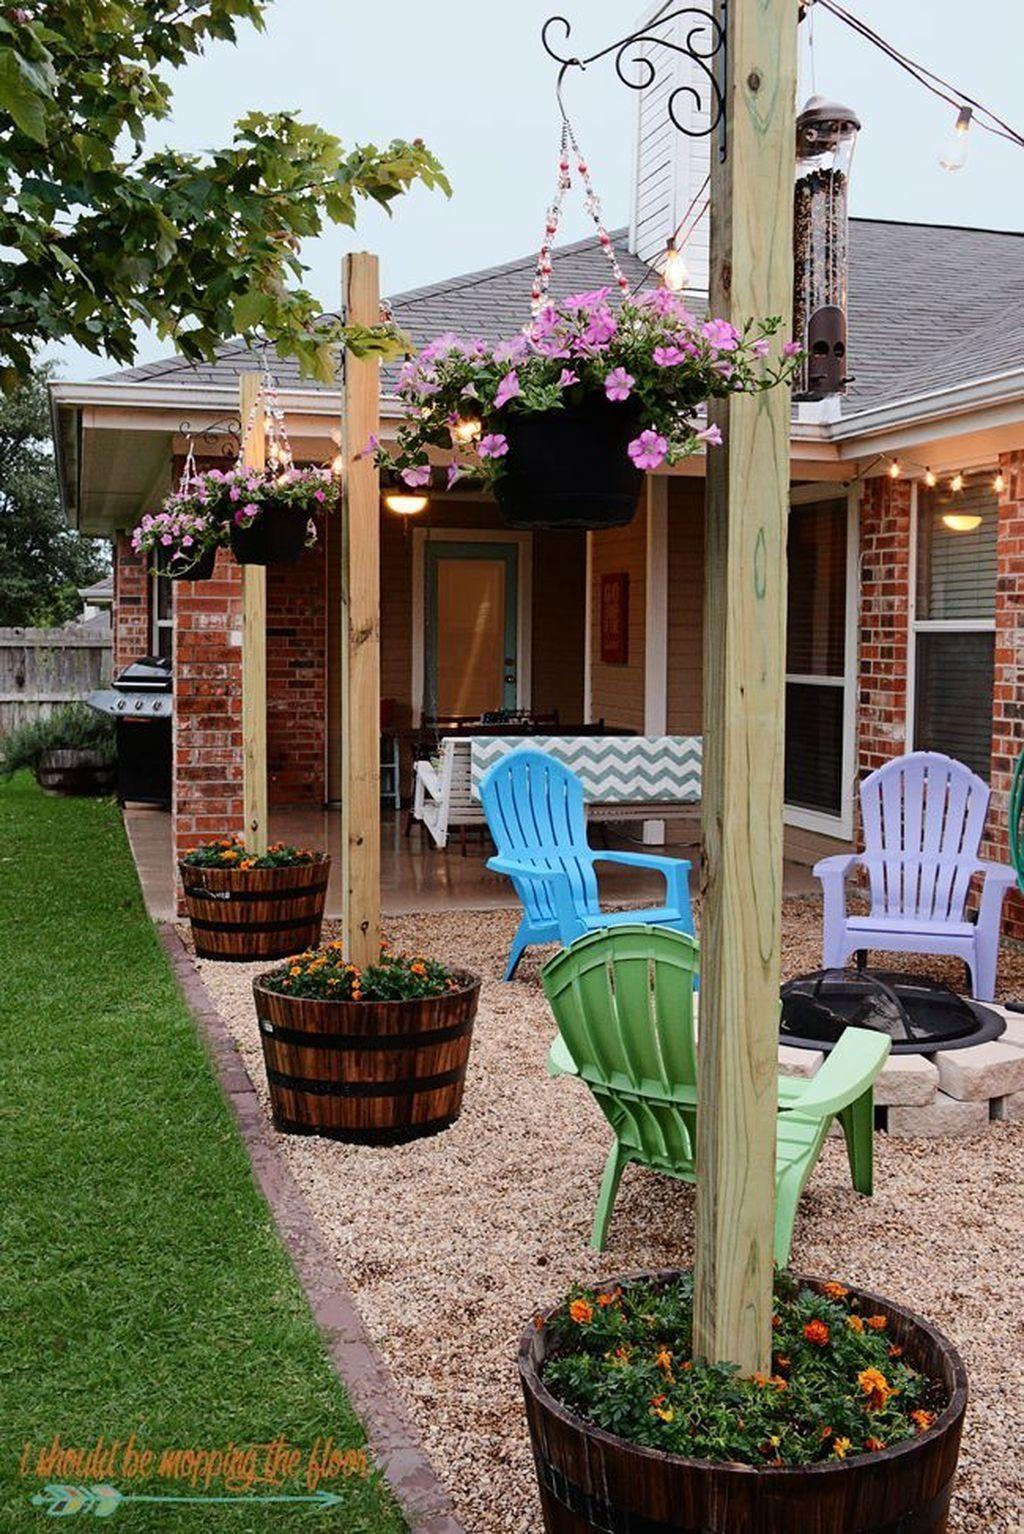 41 inspiring backyard patio design ideas diy patio